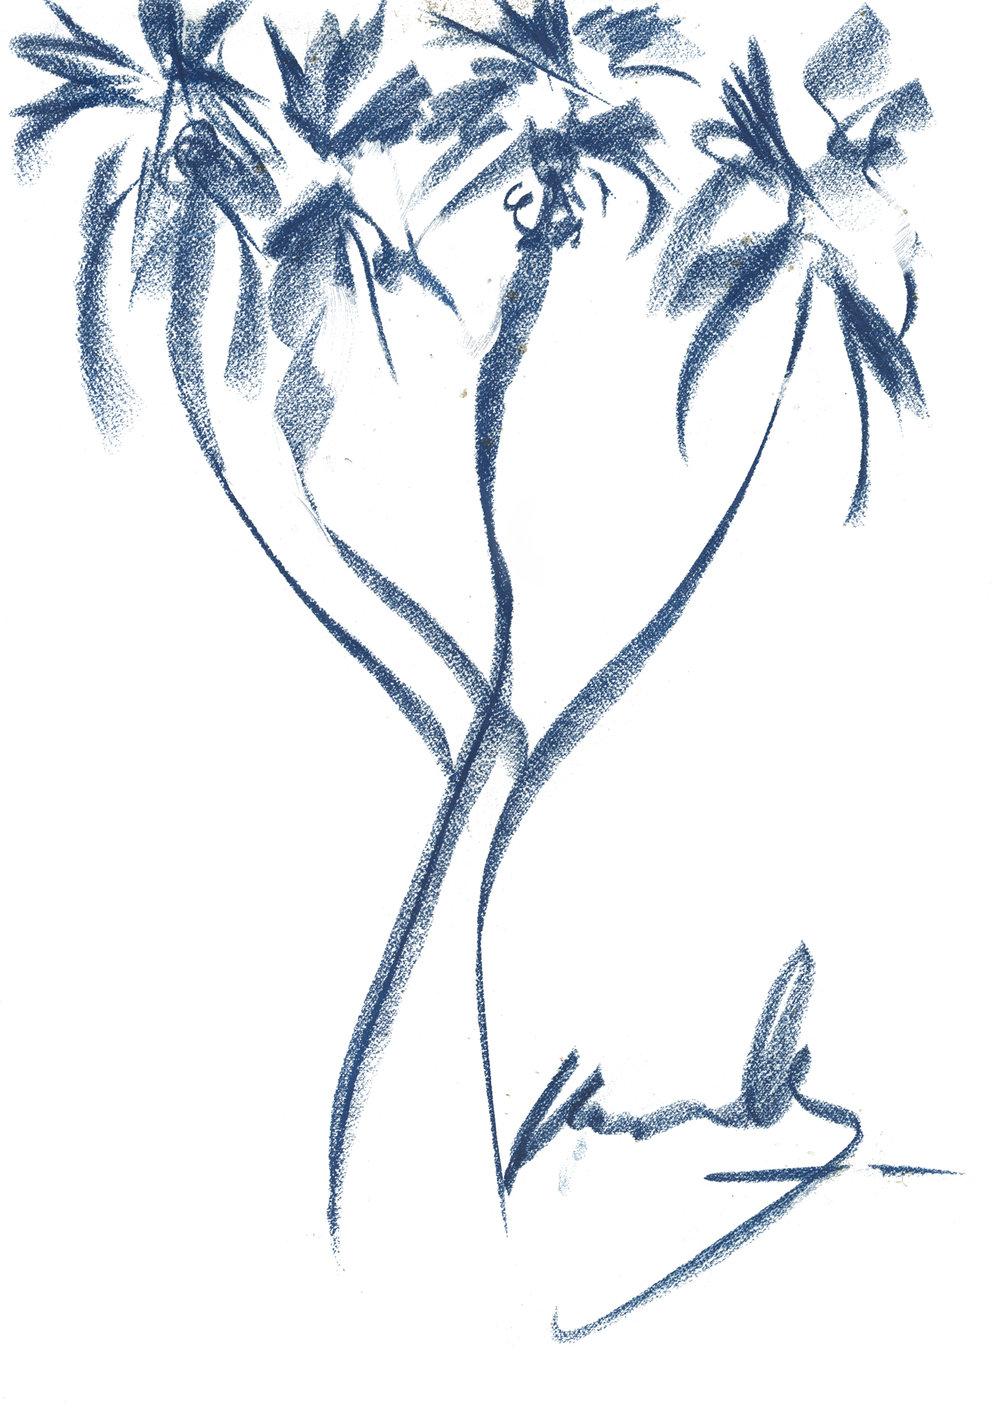 DOUM PALM TREE (HYPHAENE THEBAICA)